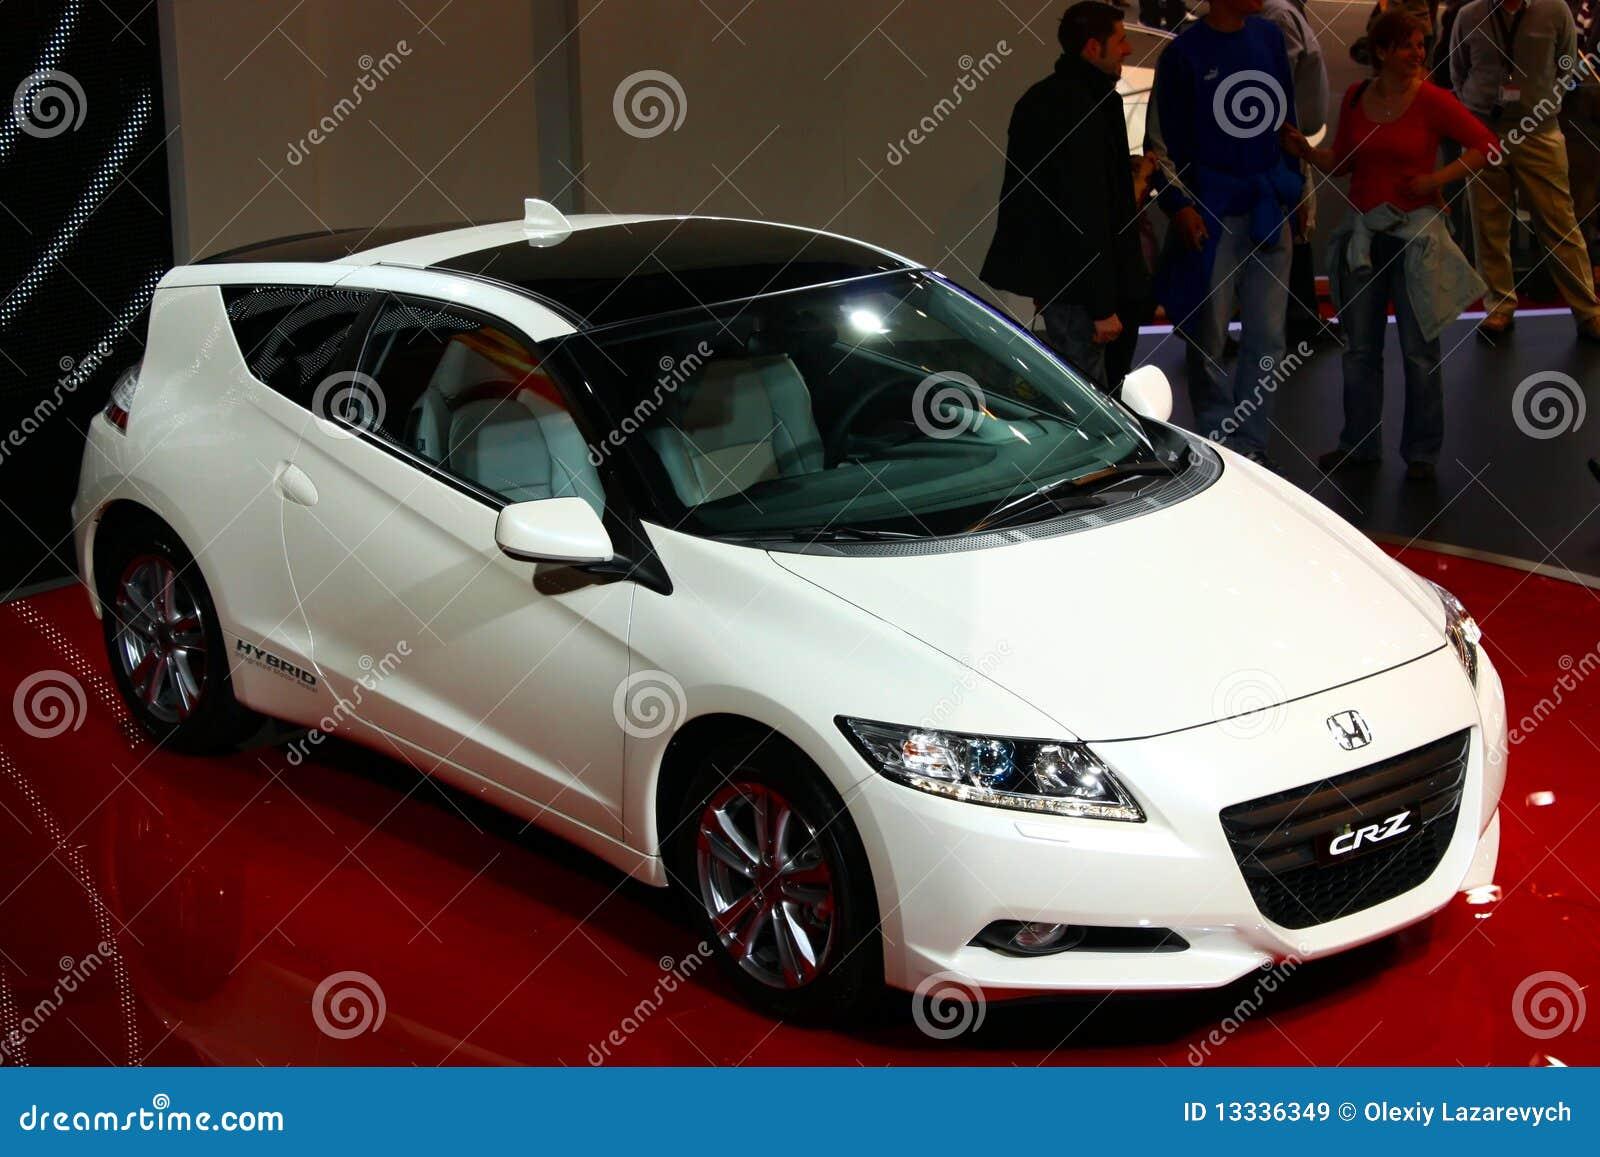 2010 coupe cr Geneva Honda hybrydowy motorowy przedstawienie z